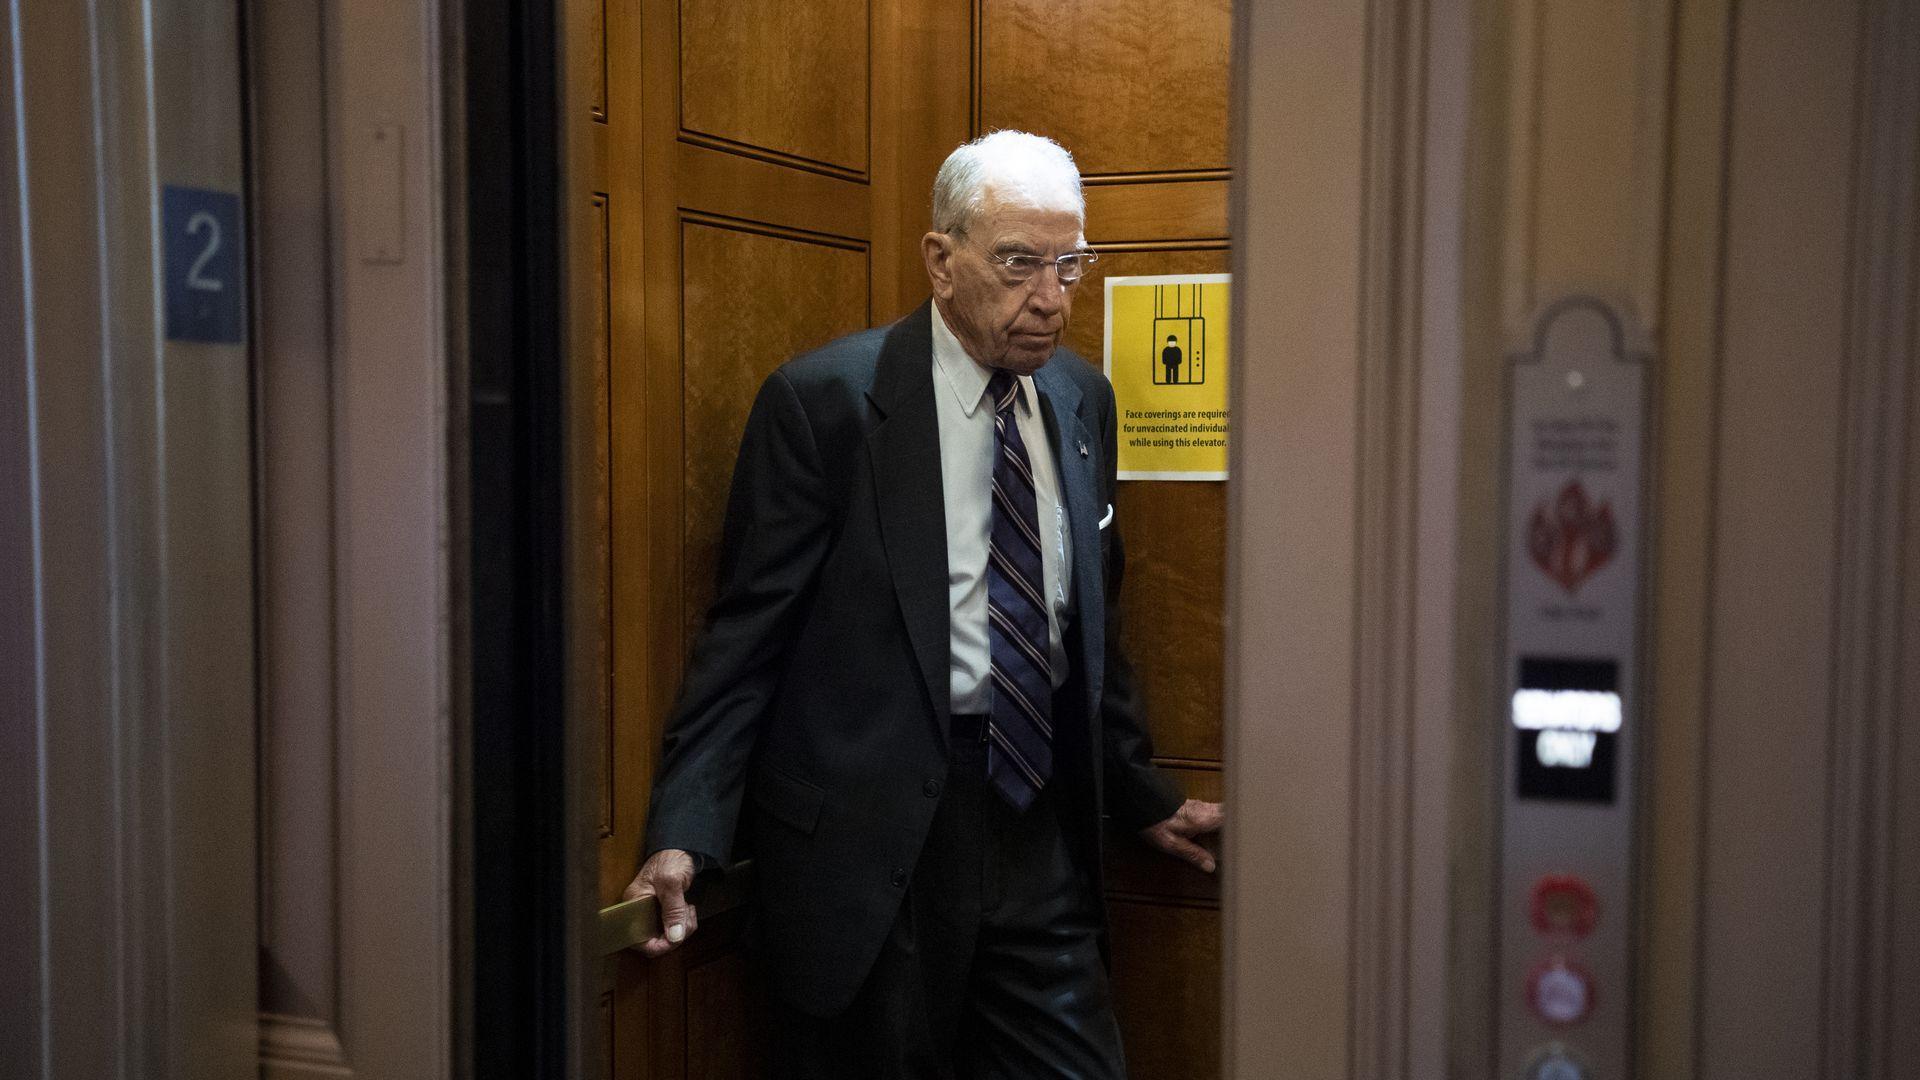 Sen. Chuck Grassley of Iowa stands in an elevator in Washington.